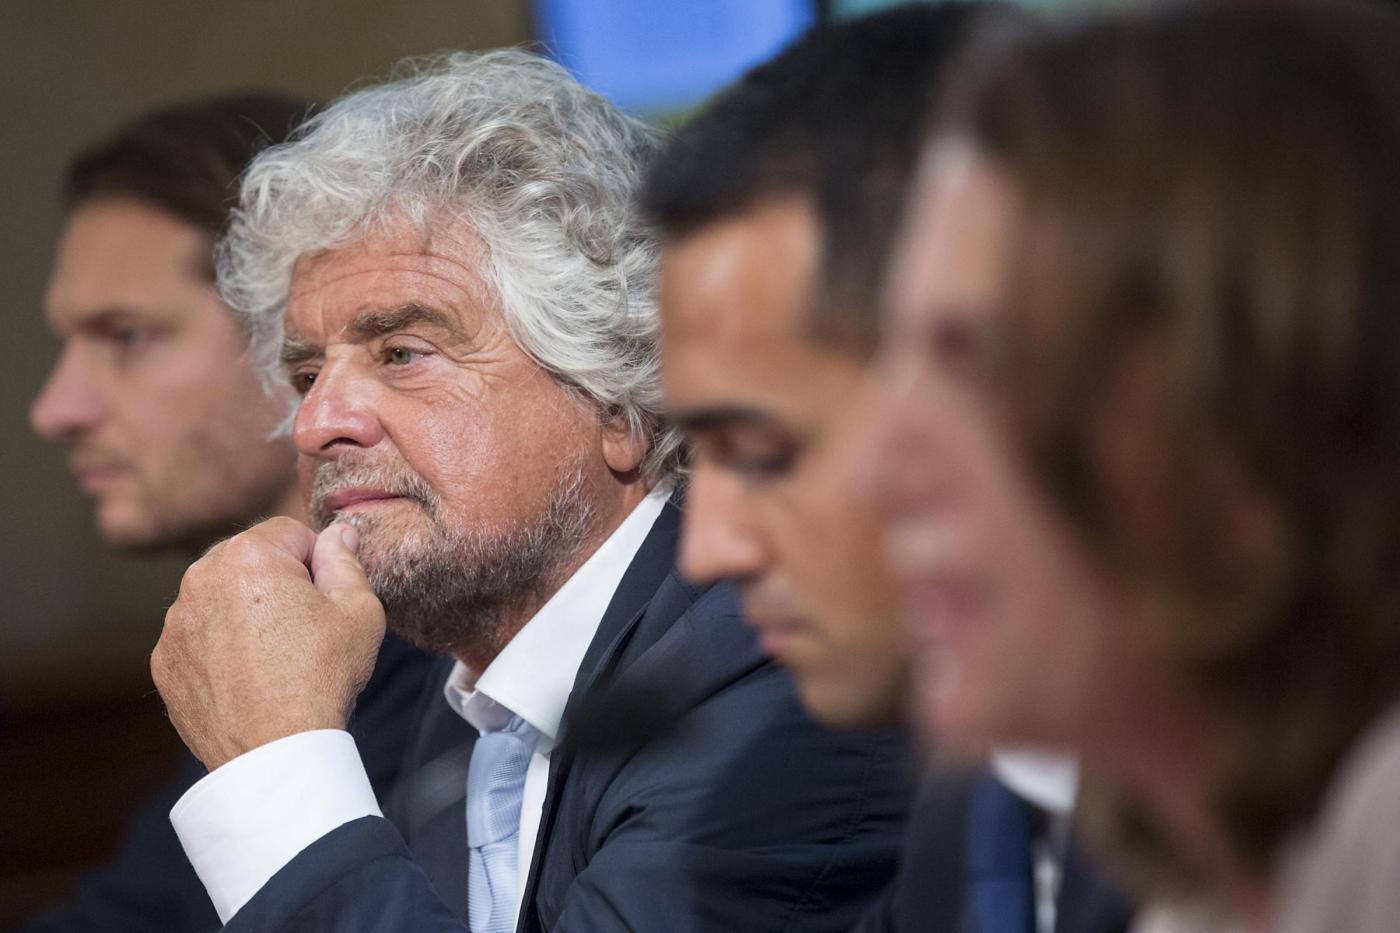 M5S Conferenza stampa di Beppe Grillo